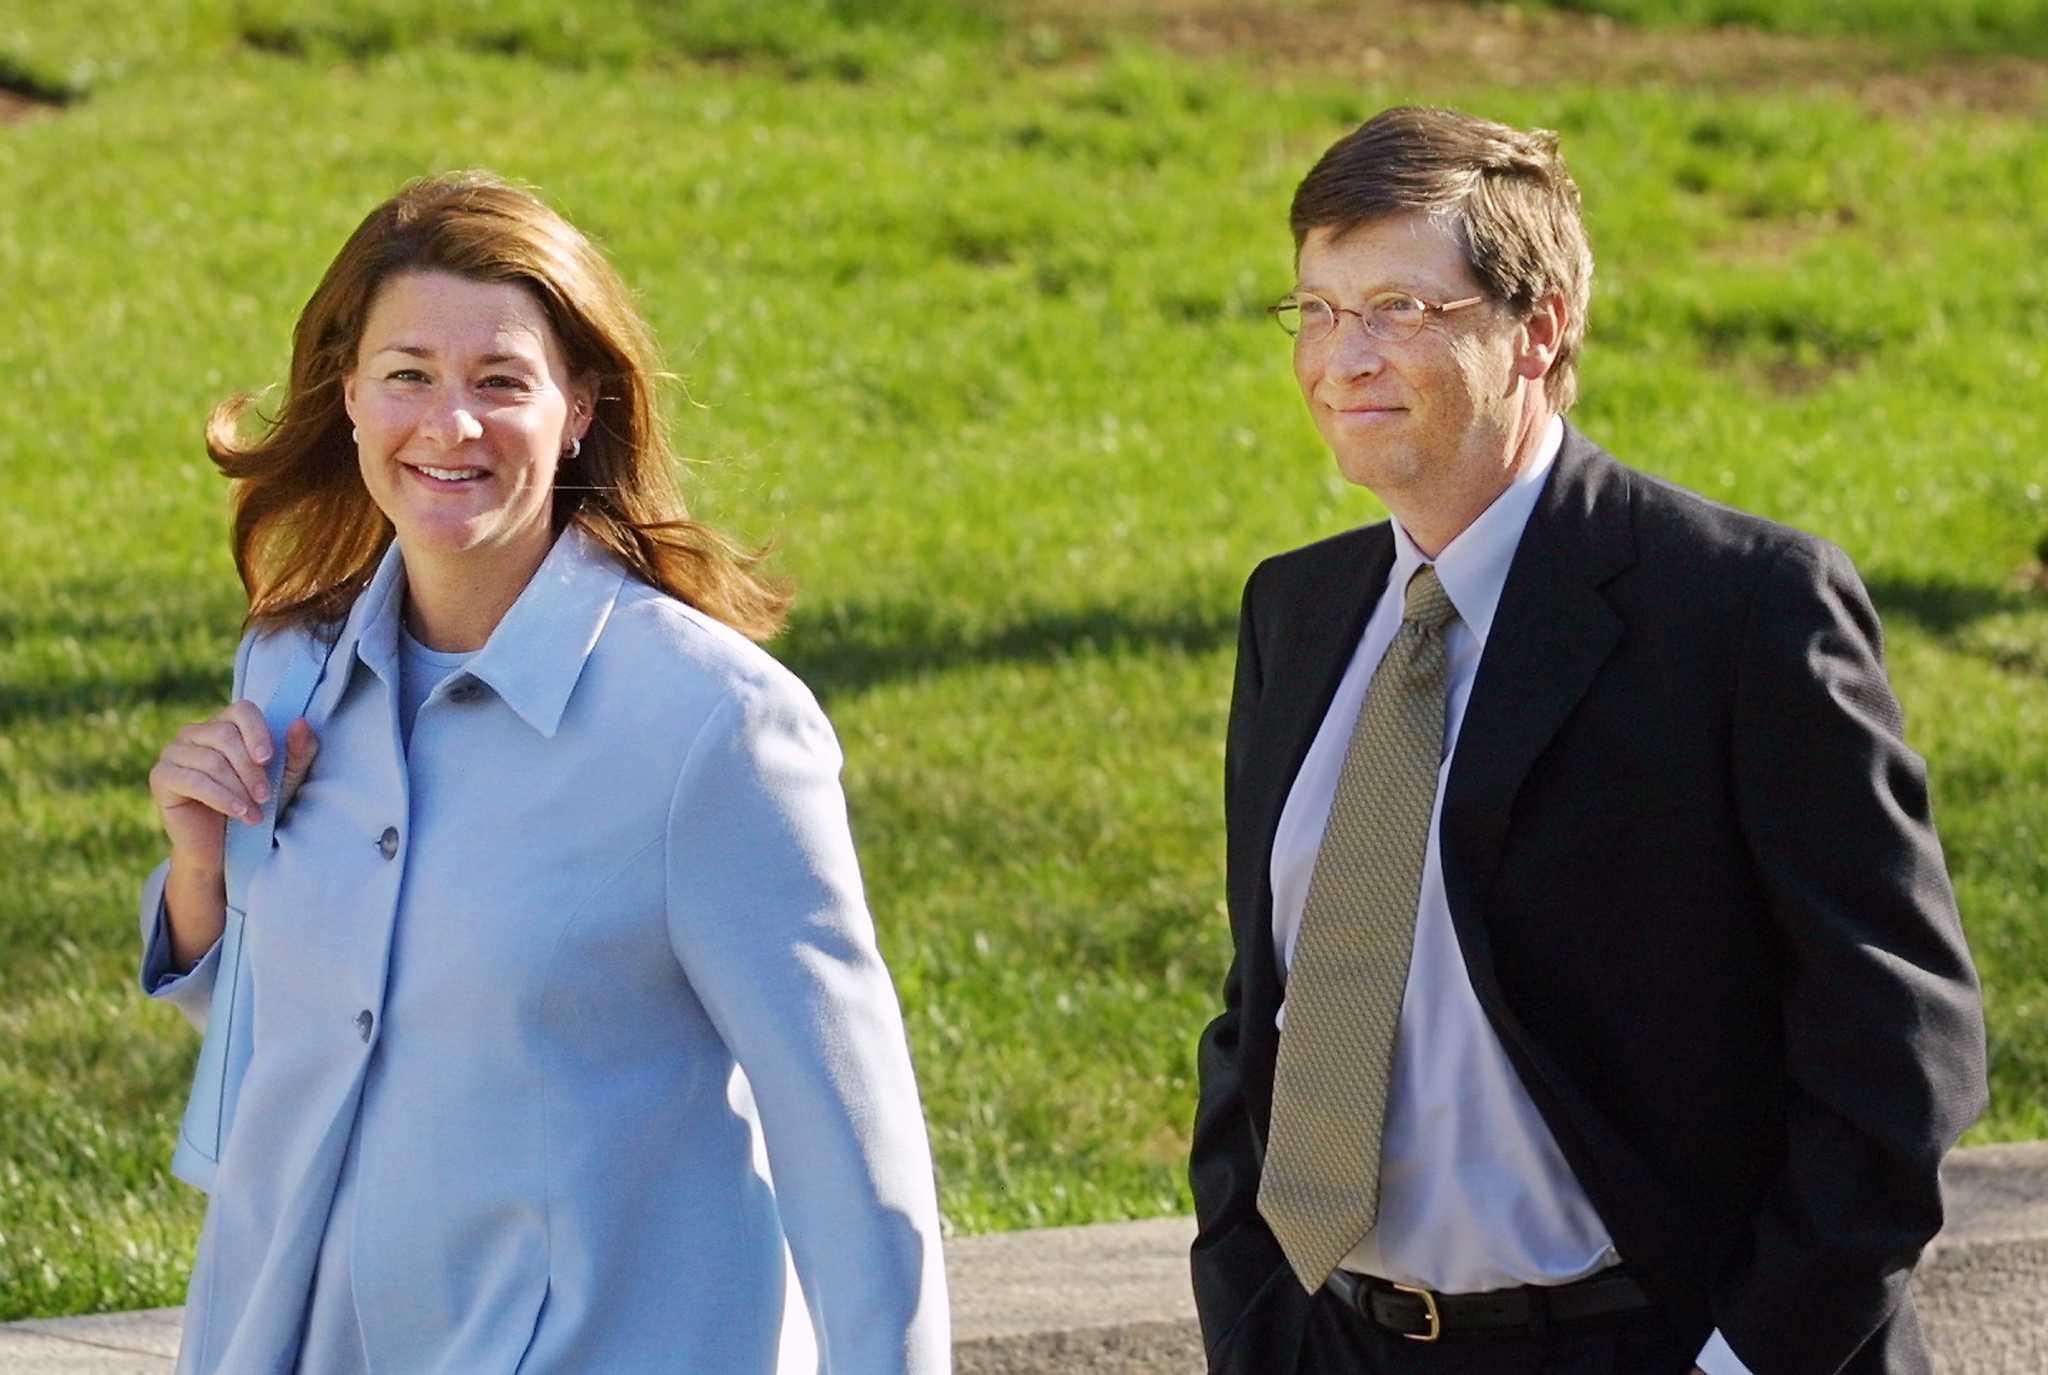 Chuyện tình 27 năm của Bill Gates qua ảnh - 7